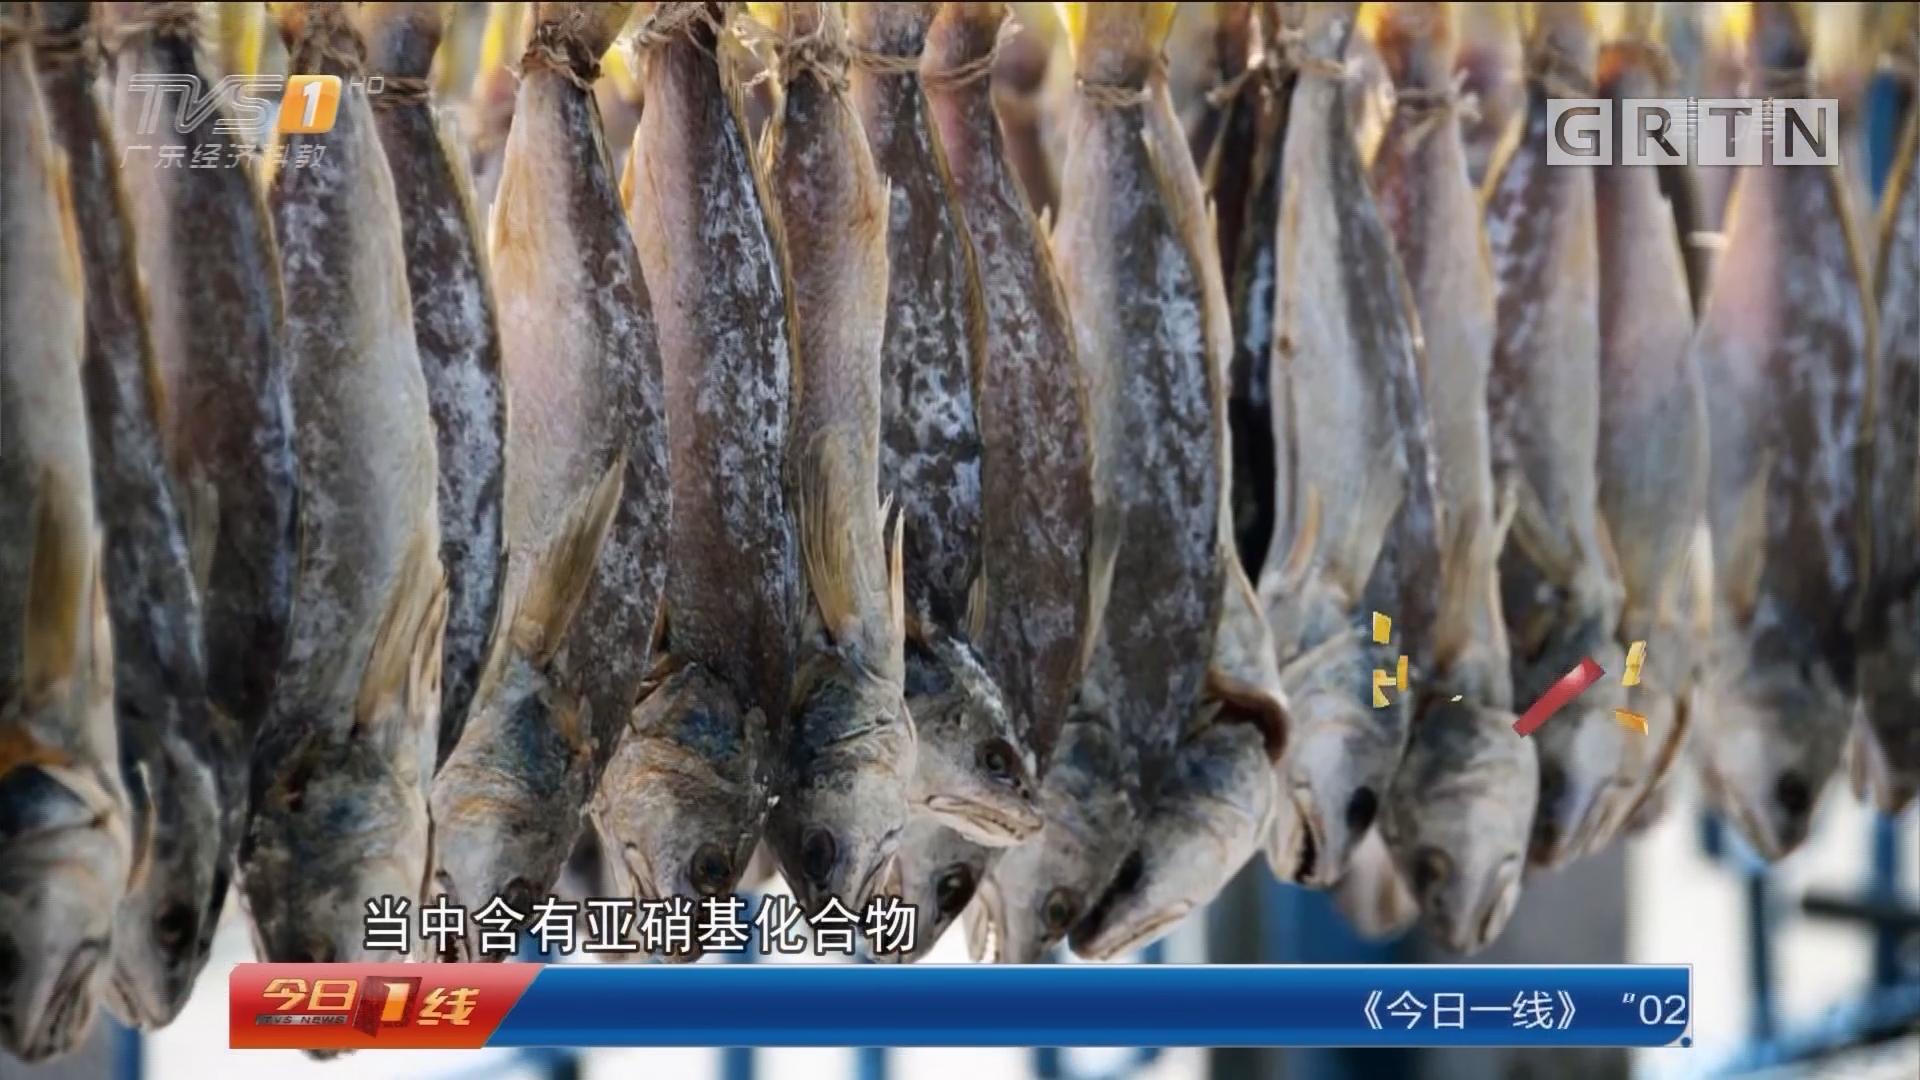 世卫组织发布致癌食品名单:咸鱼为一级致癌物 广州街坊照吃不误